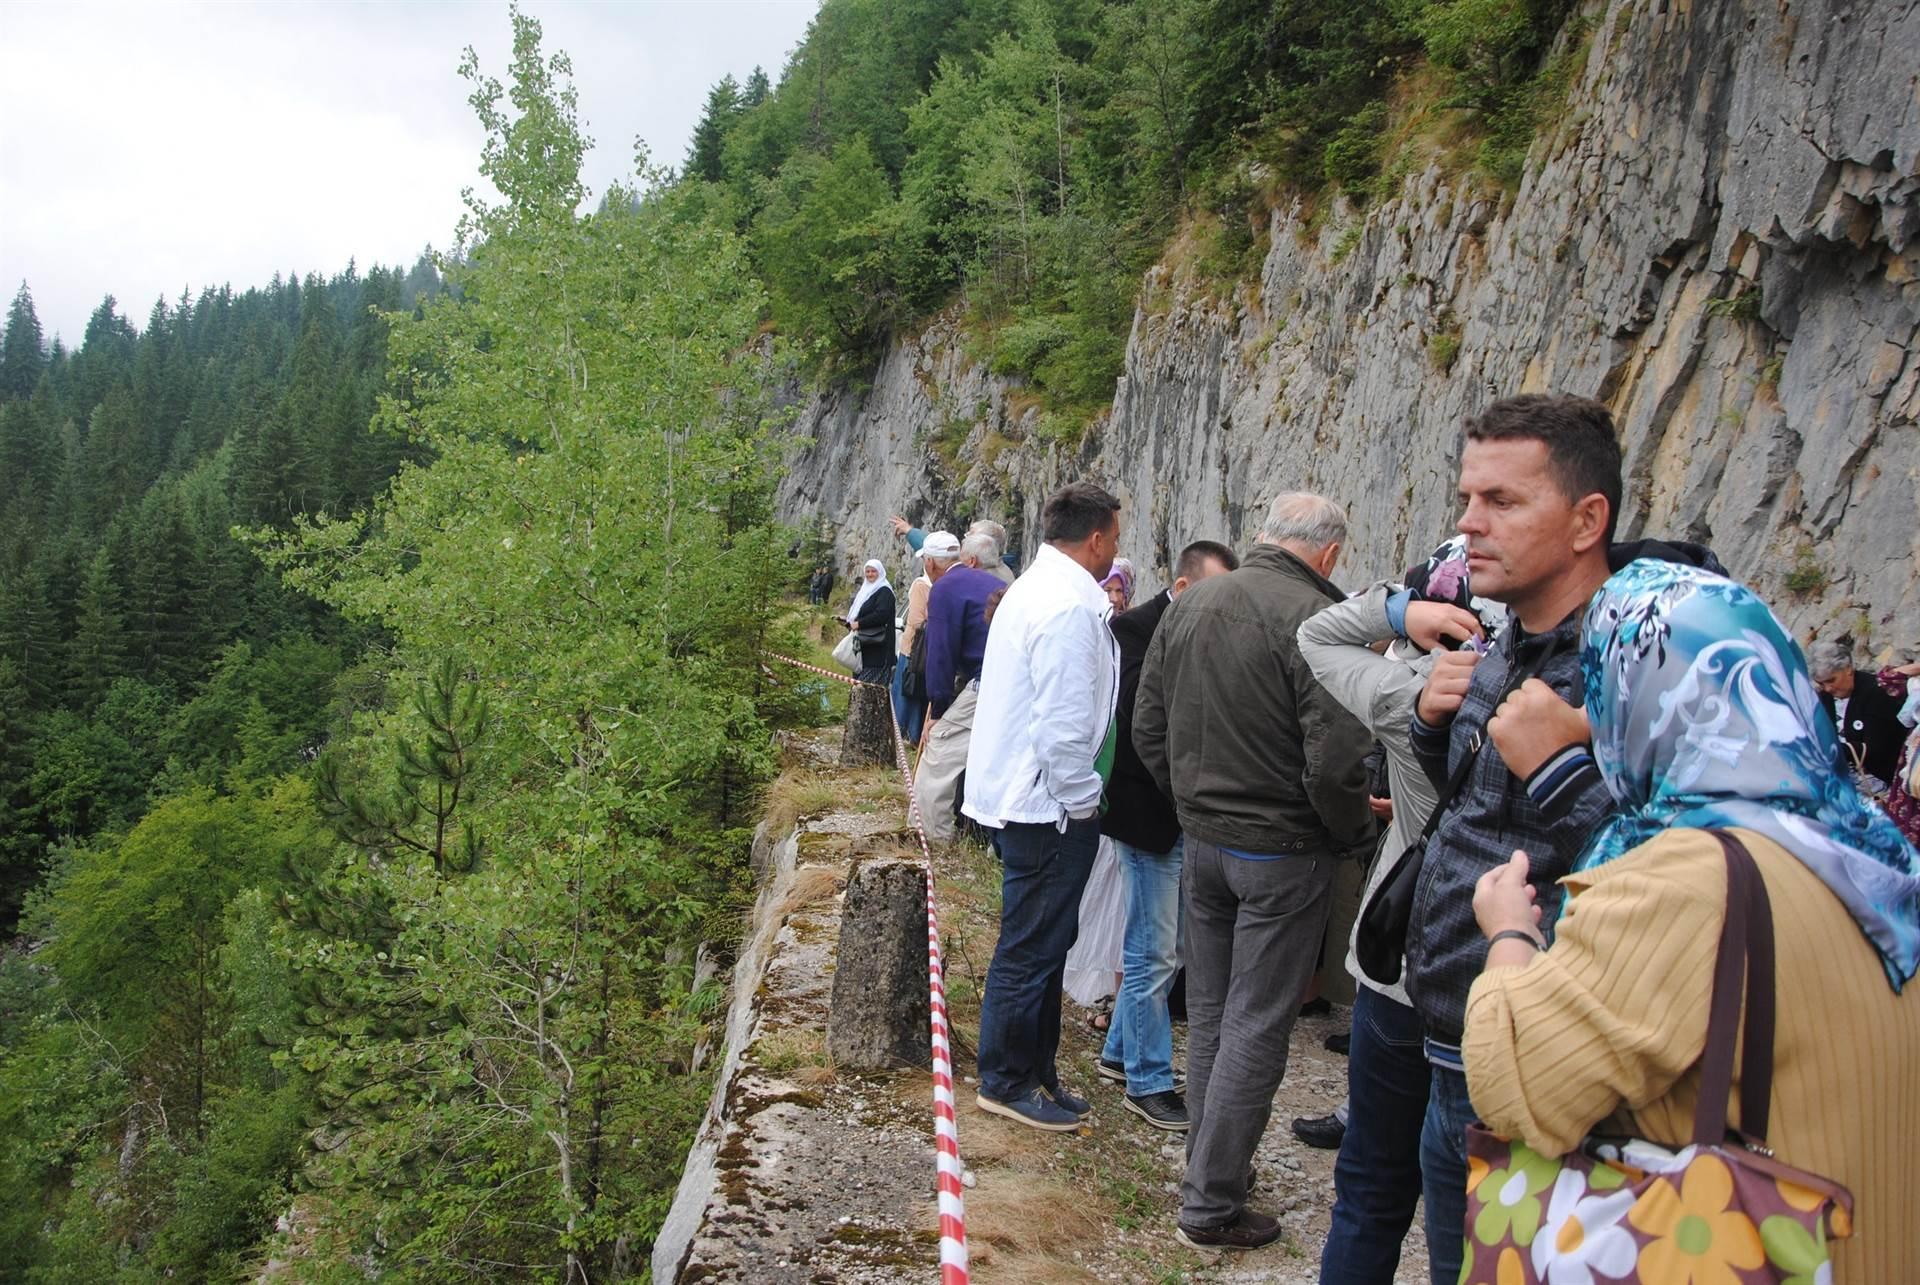 Korićanske stijene, Izvor: BIRN BiH